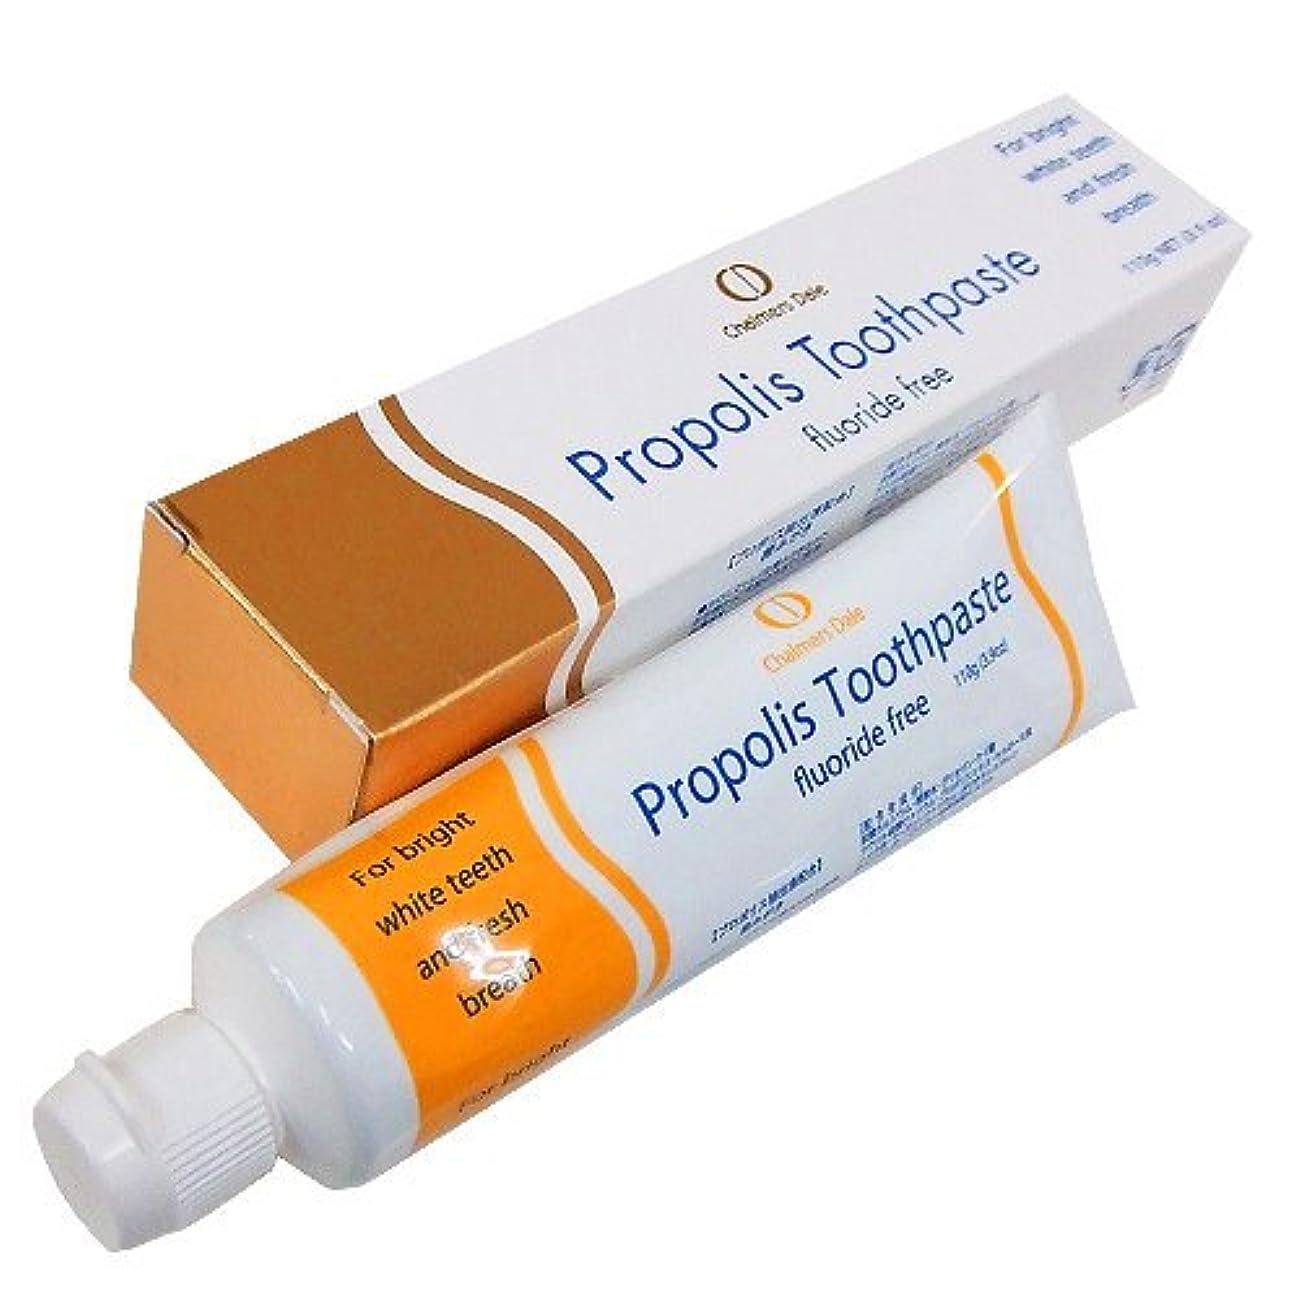 レンド時々時々ご飯プロポリス歯磨き 110g フッ素は配合していません